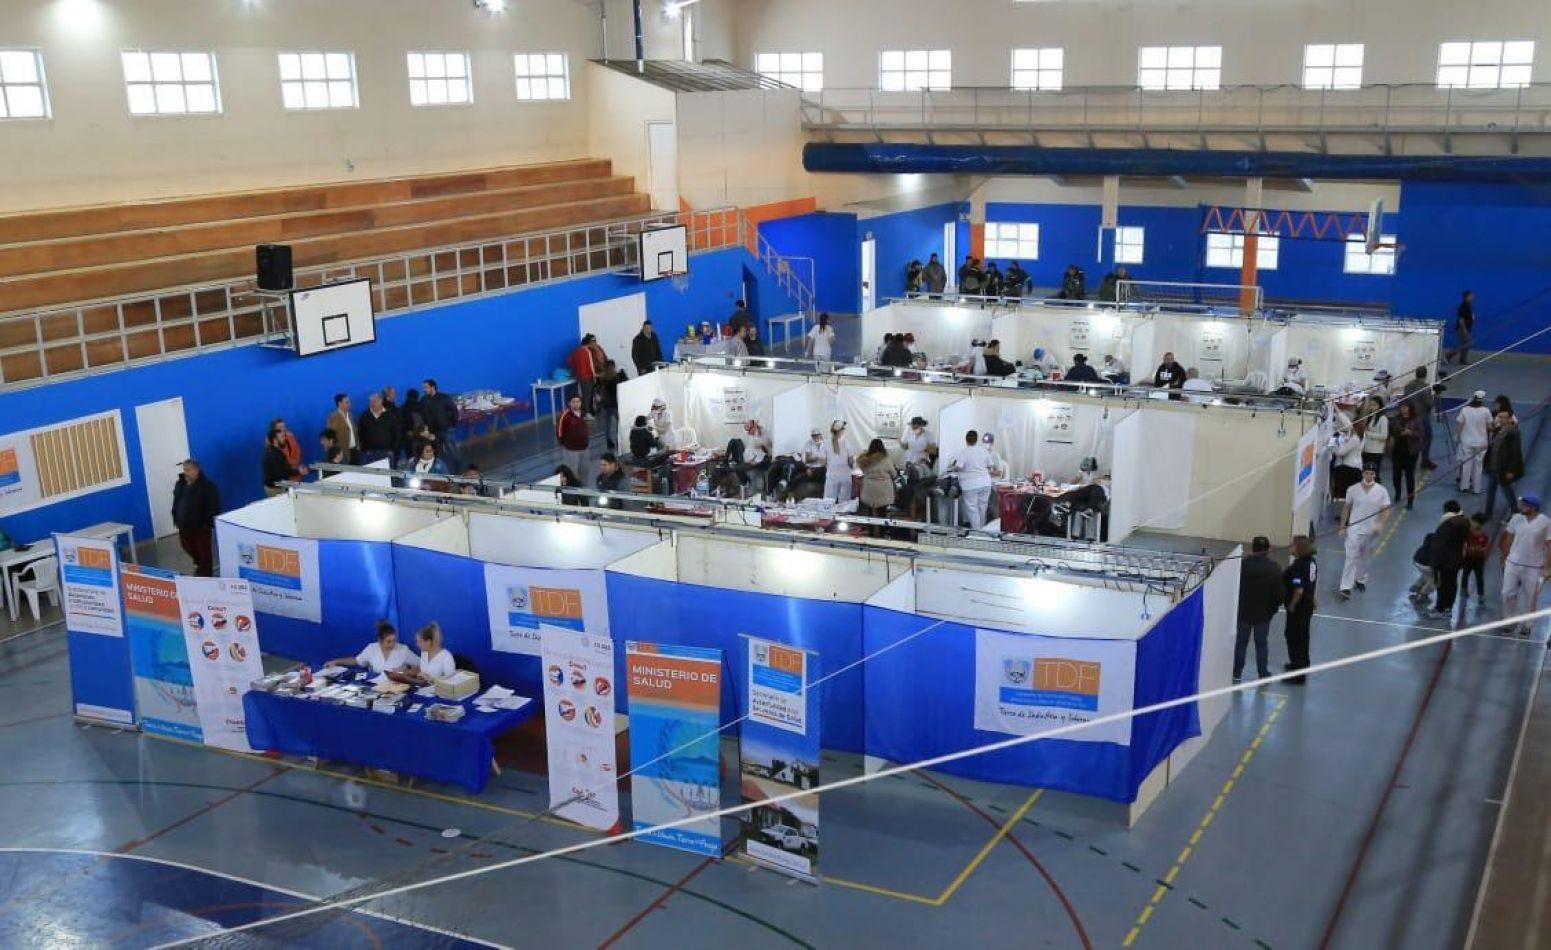 320 personas de los barrios de la Margen Sur recibieron atención odontológica gratuita en el gimnasio de la Escuela N° 4 de Río Grande